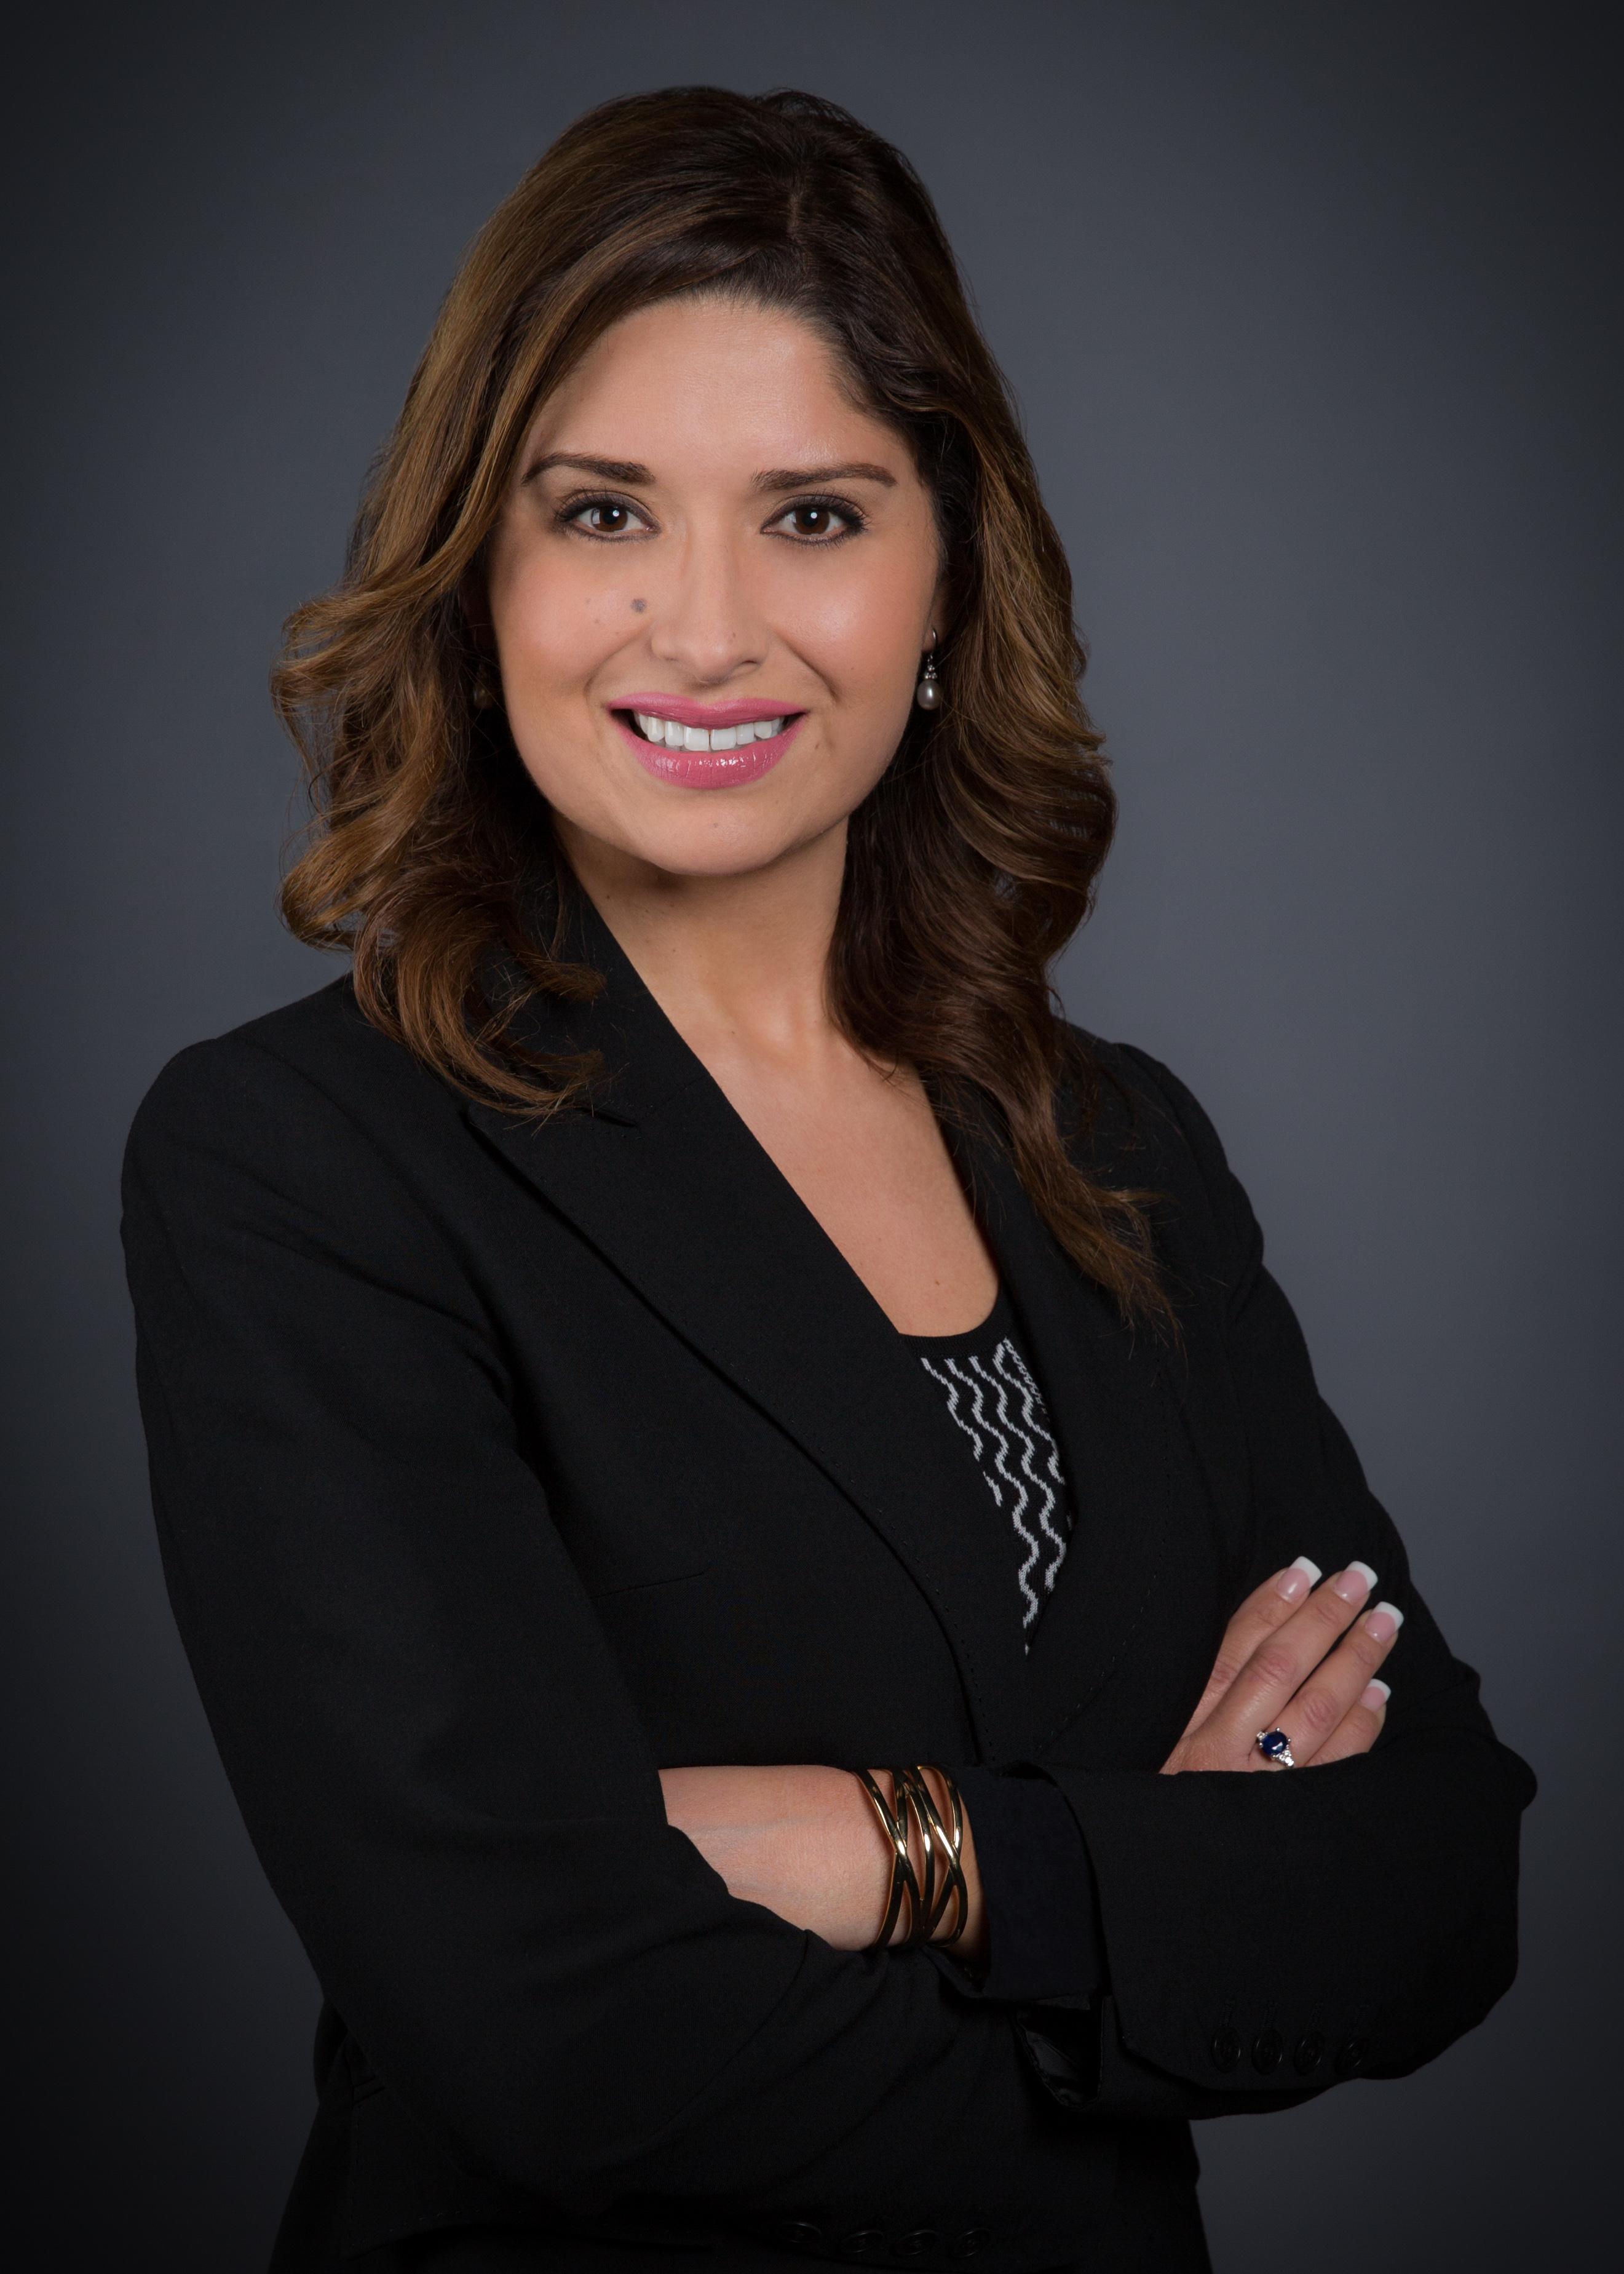 Alicia Duarte